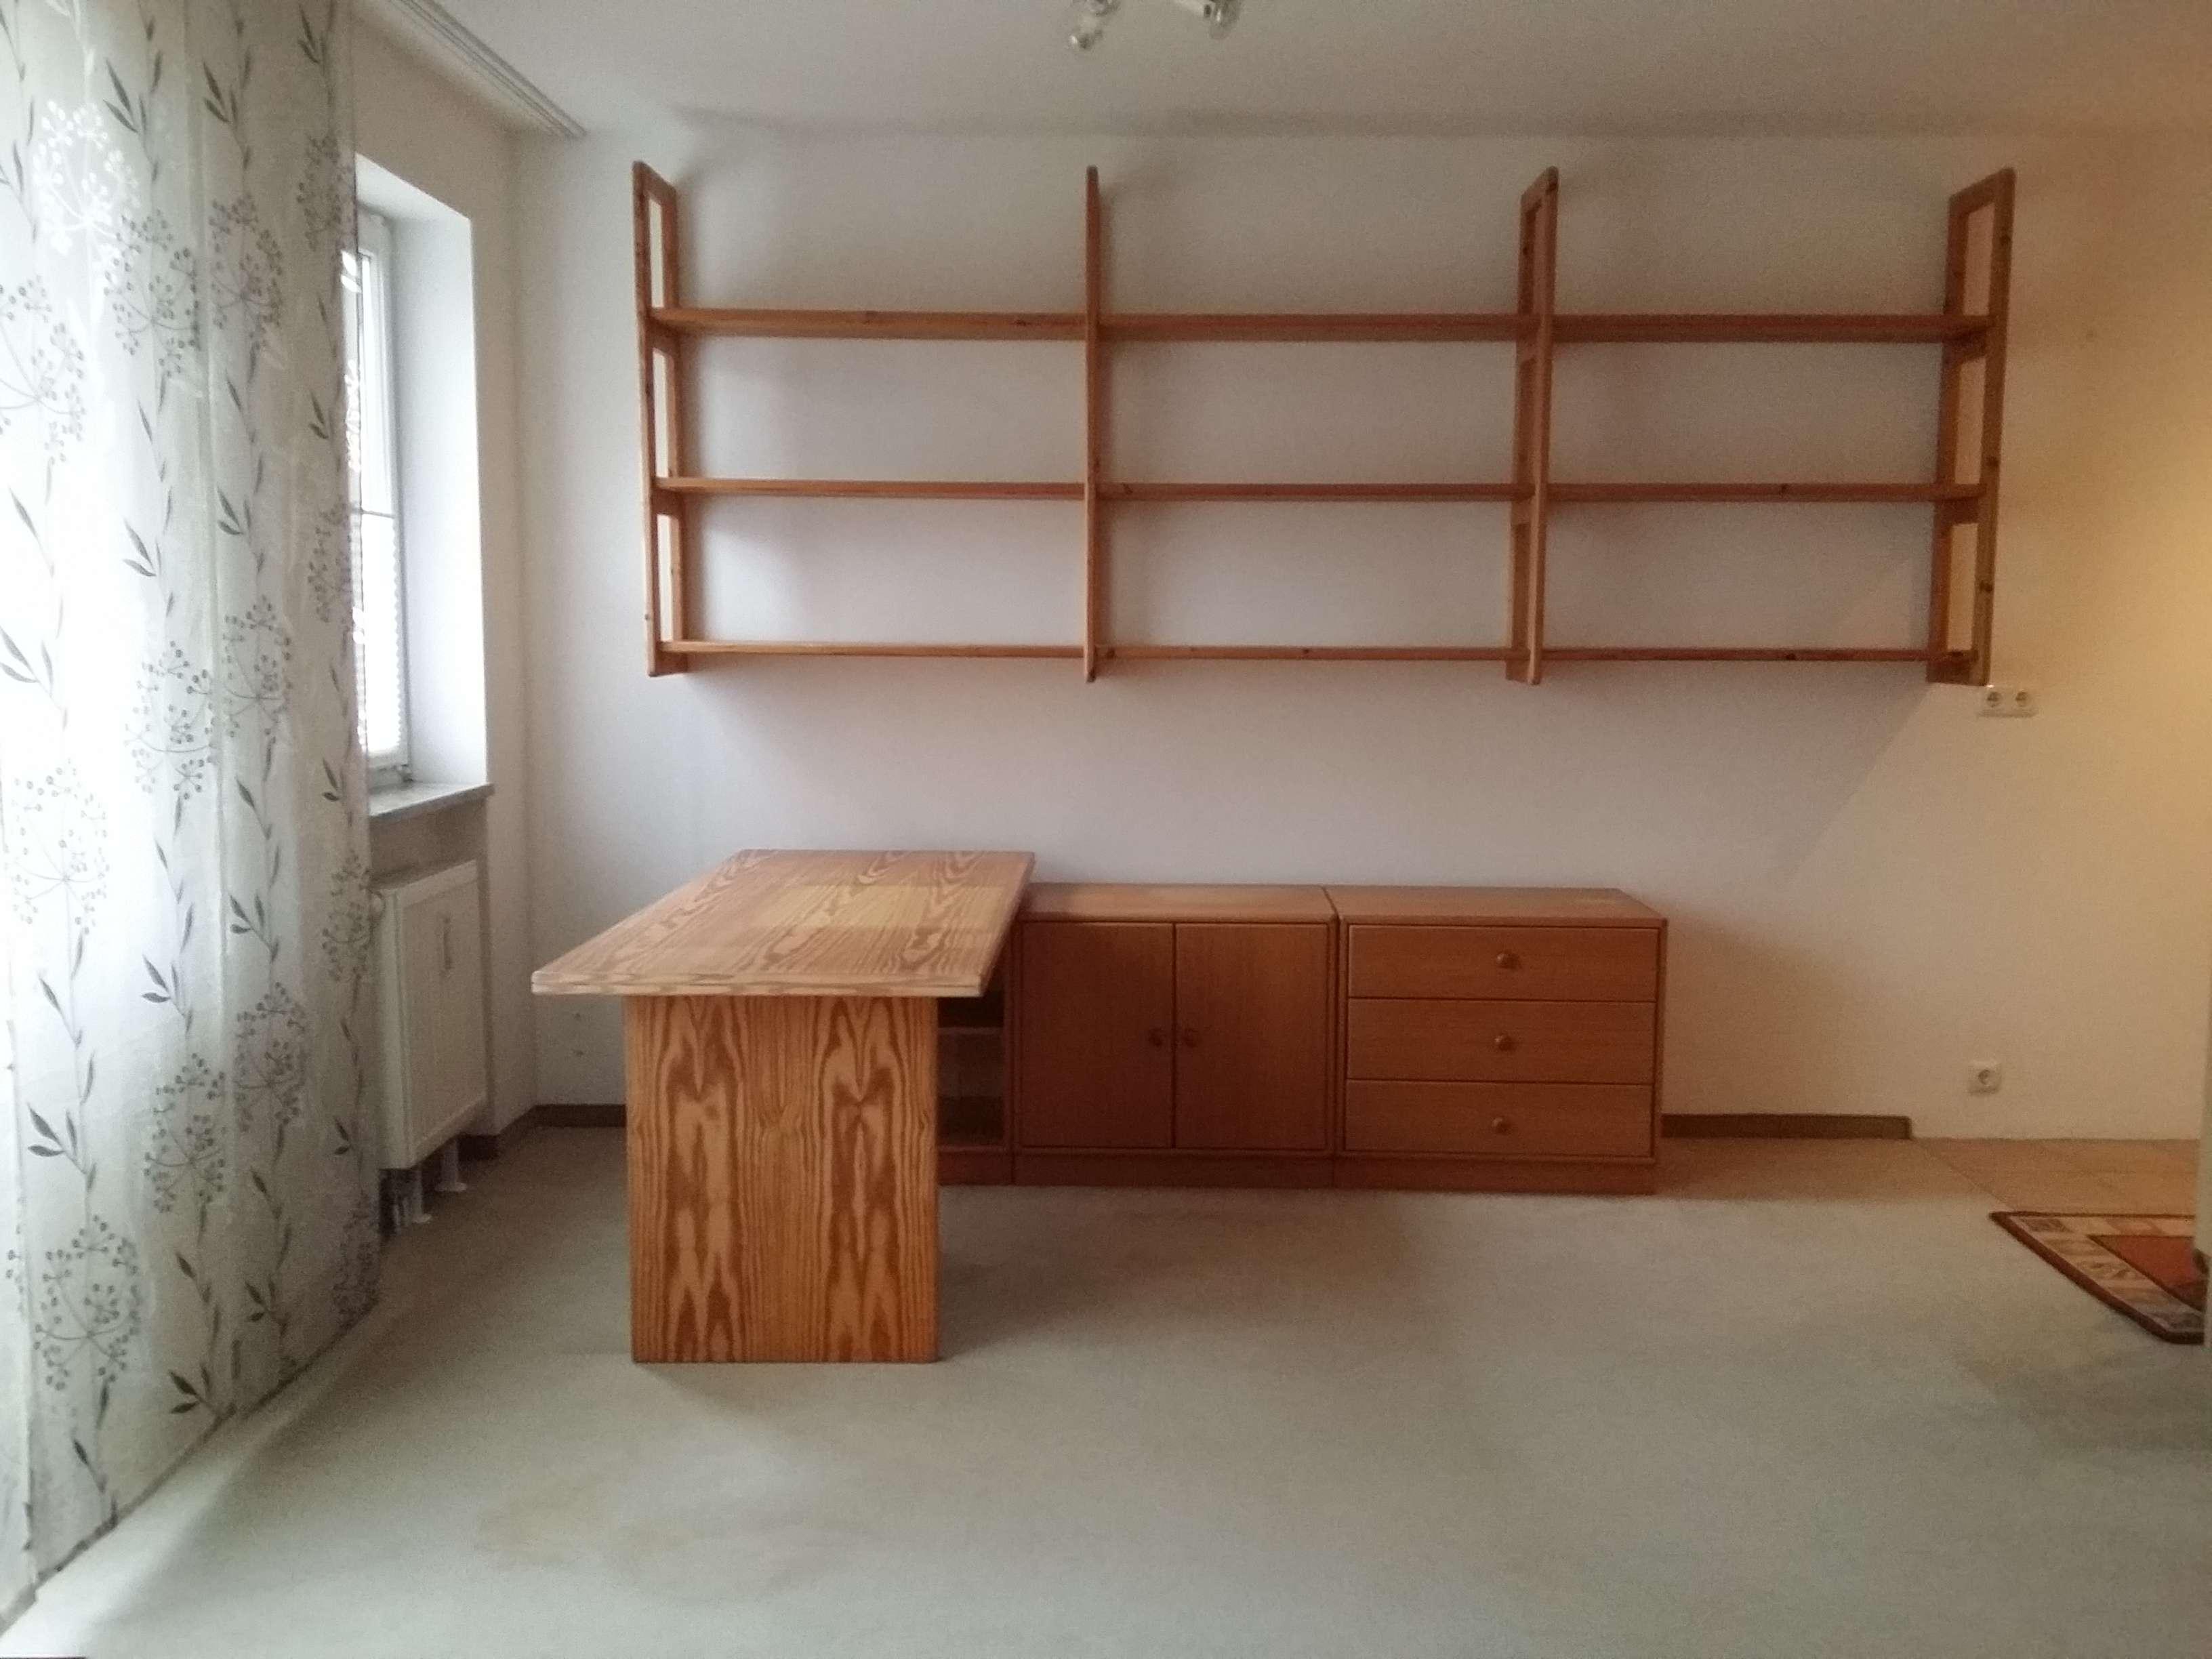 Charmante 1-Zimmer Wohnung ab sofort zu vermieten in Poing